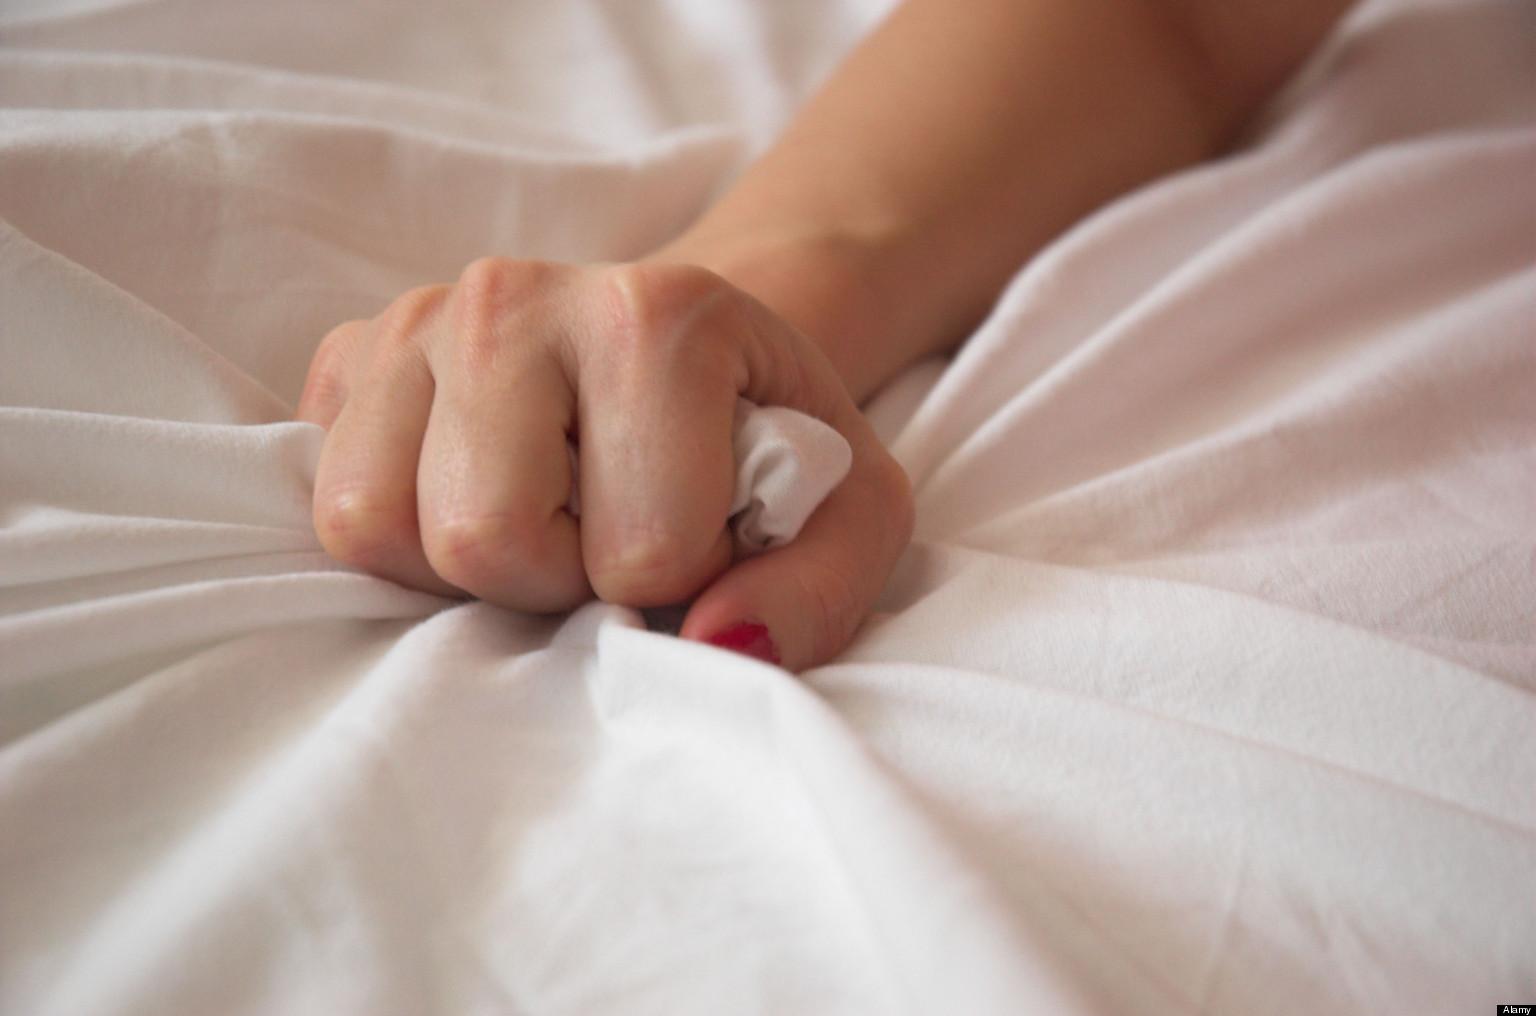 πρωκτικό σεξ μεγάλο πέος